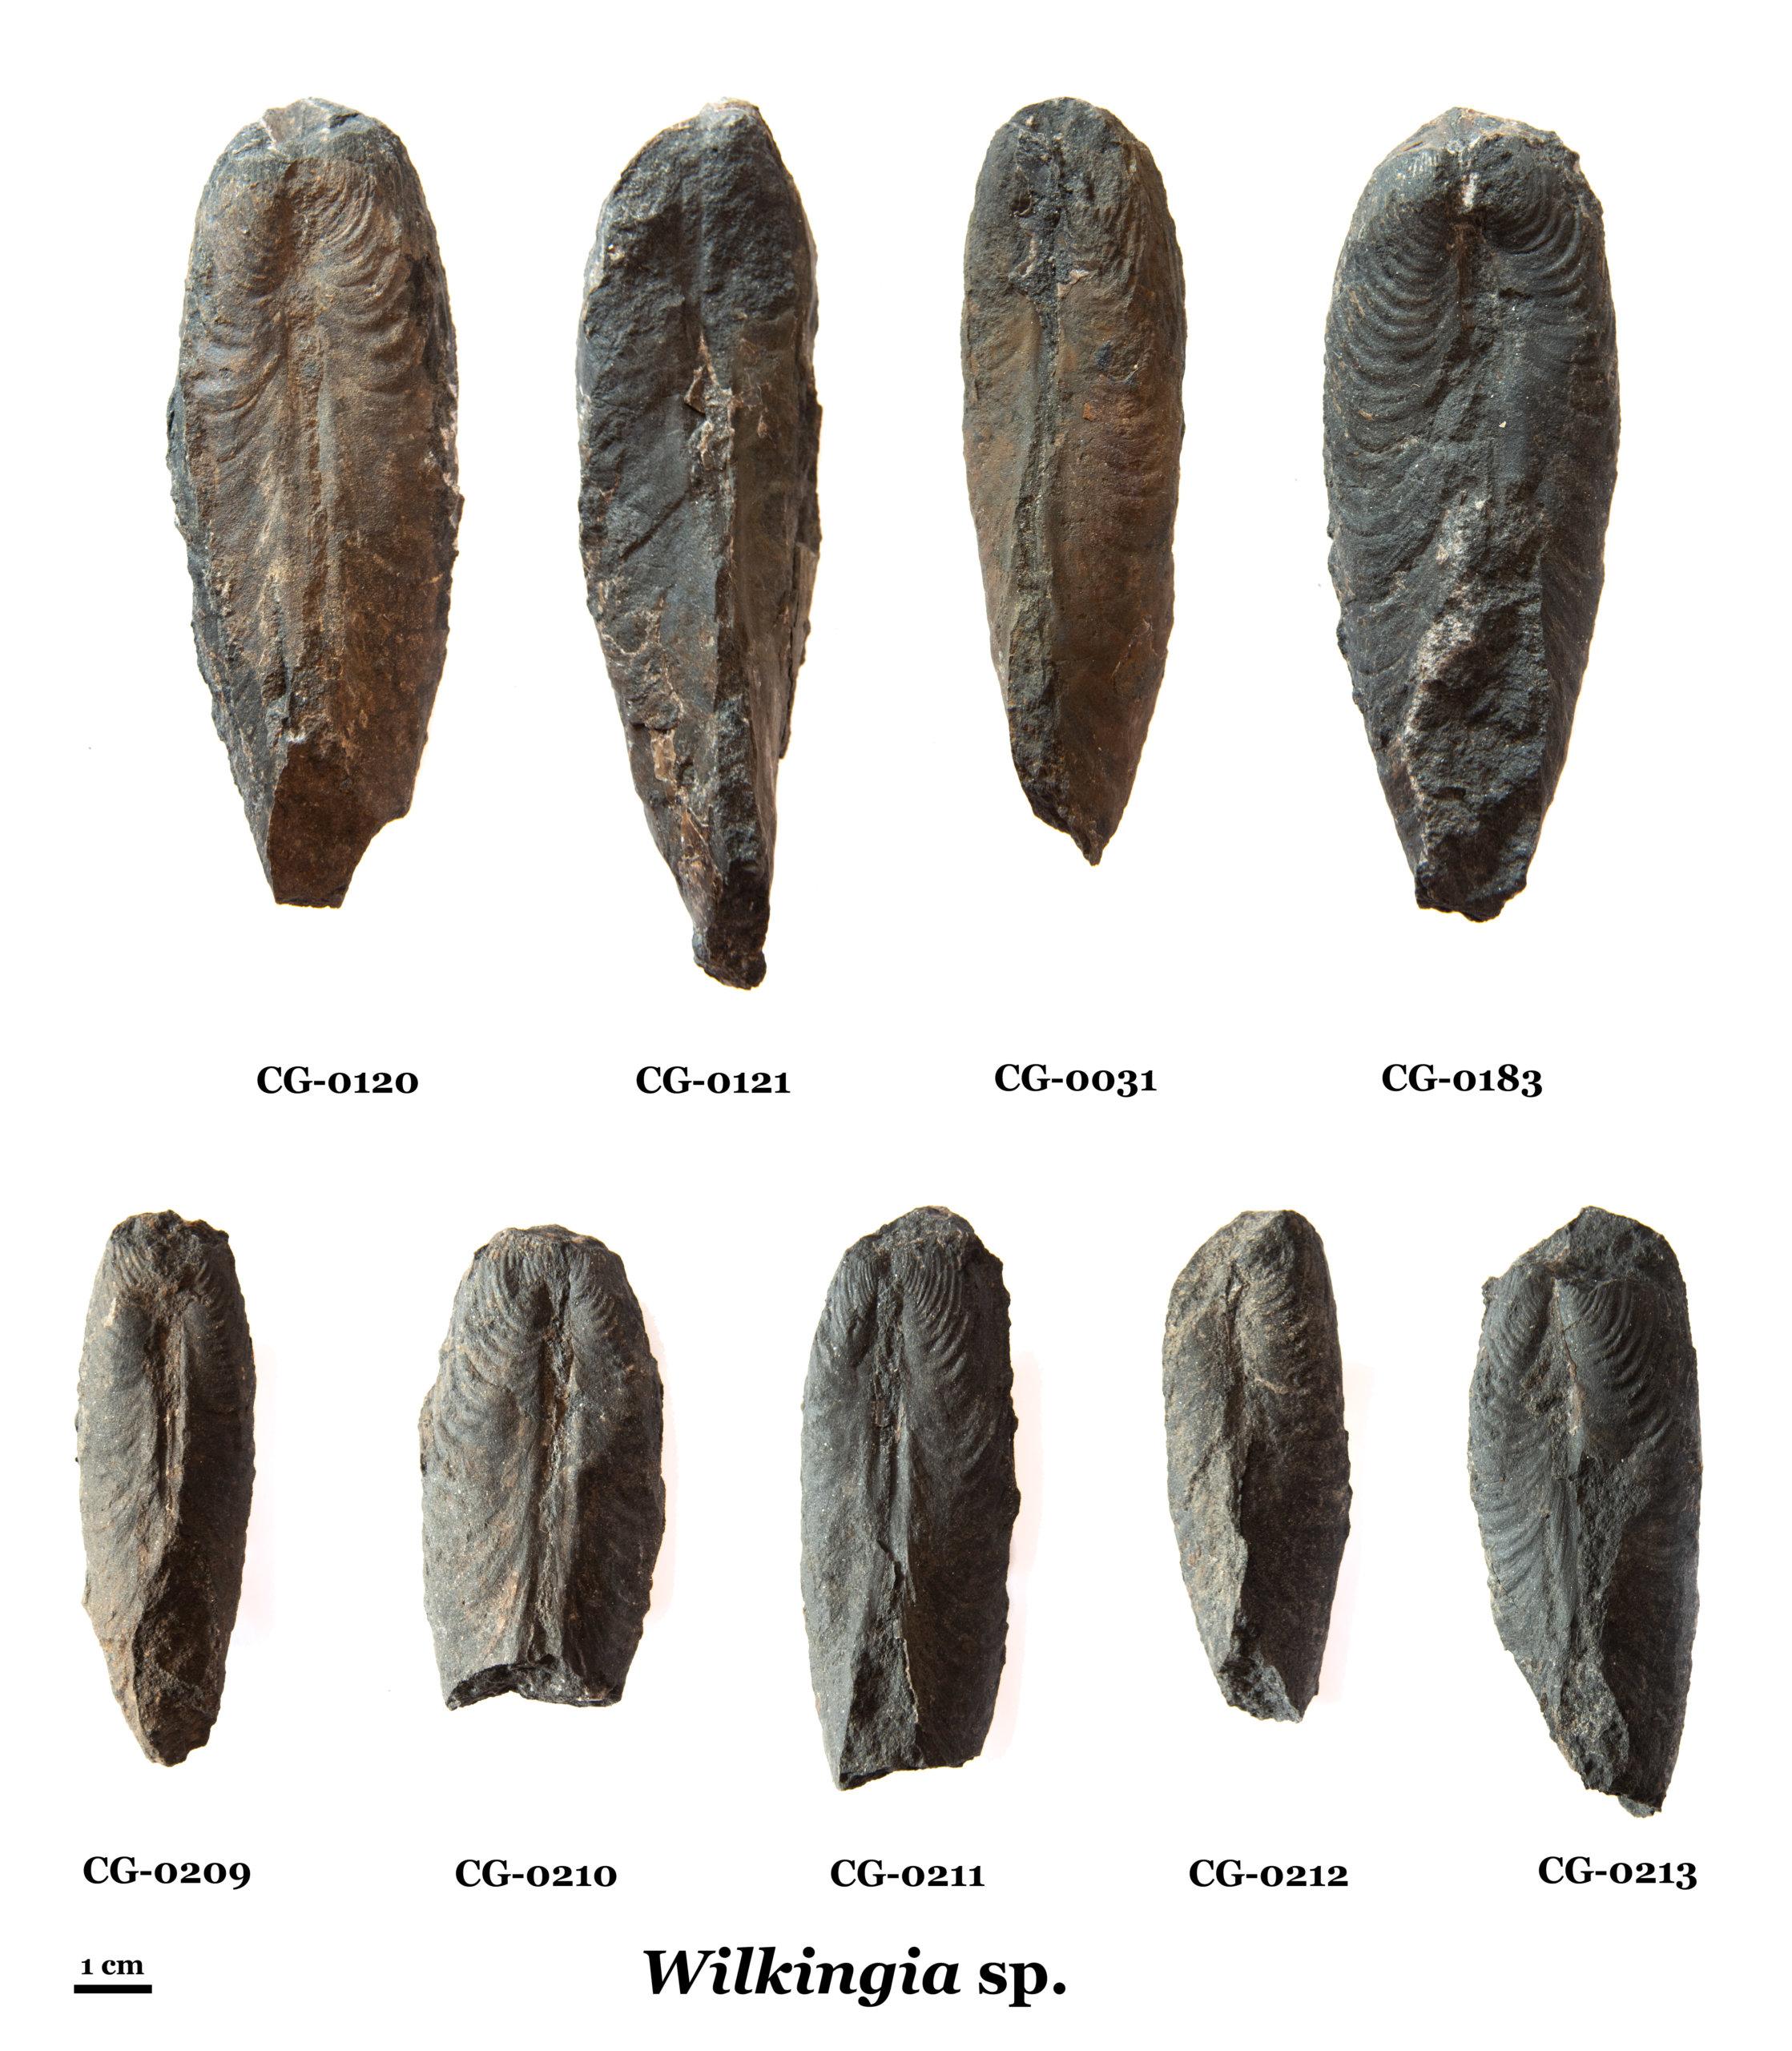 Wilkingia. Plate of 9 specimens.